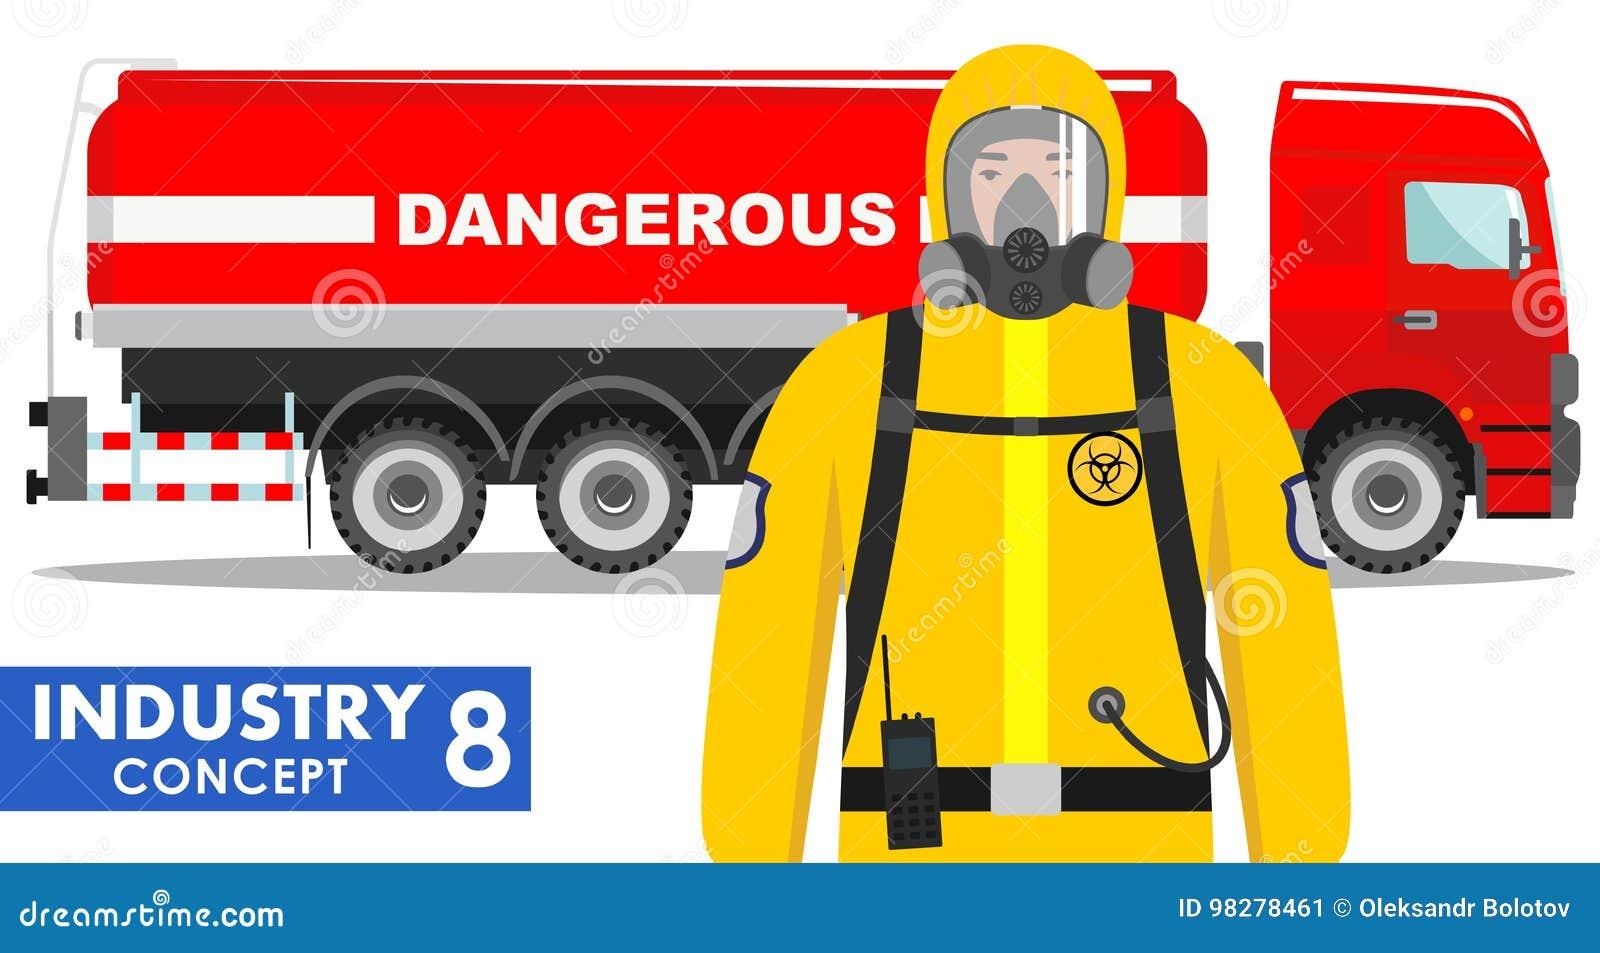 产业概念 储水池卡车运载的化学制品,放射性,毒性,危害物质的详细的例证和